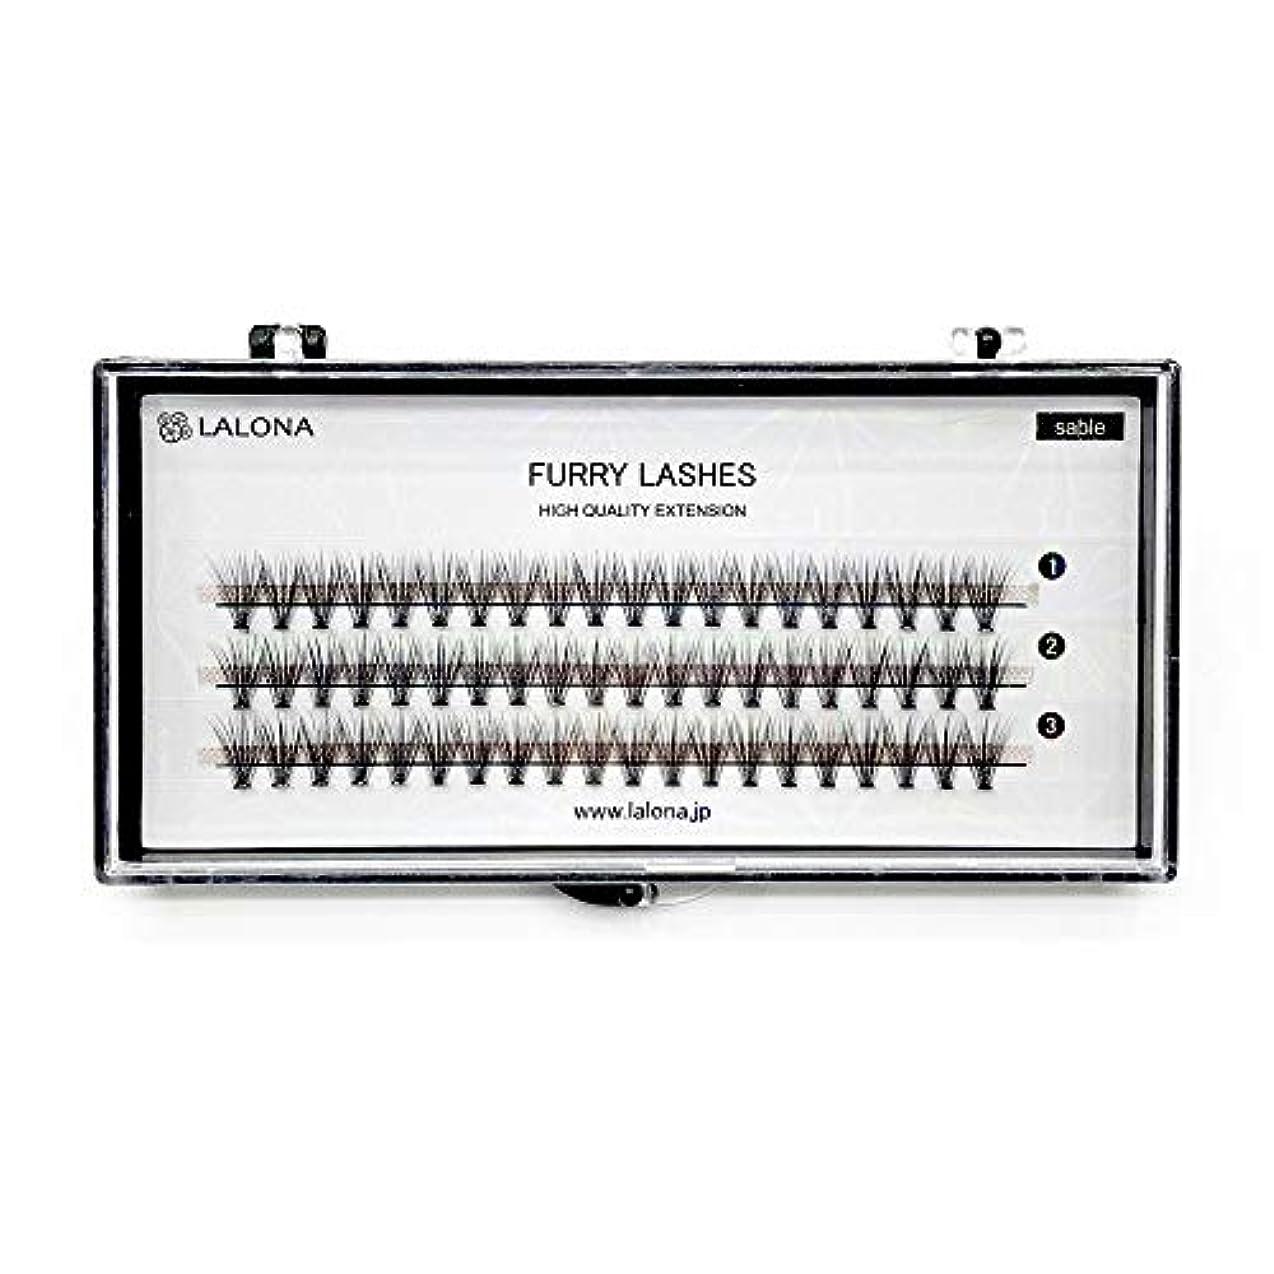 賛美歌辛い柱LALONA [ ラローナ ] ファーリーラッシュ (30D) (60pcs) まつげエクステ 30本束 フレアラッシュ まつエク マツエク 束まつげ セーブル (0.05 / 8mm)